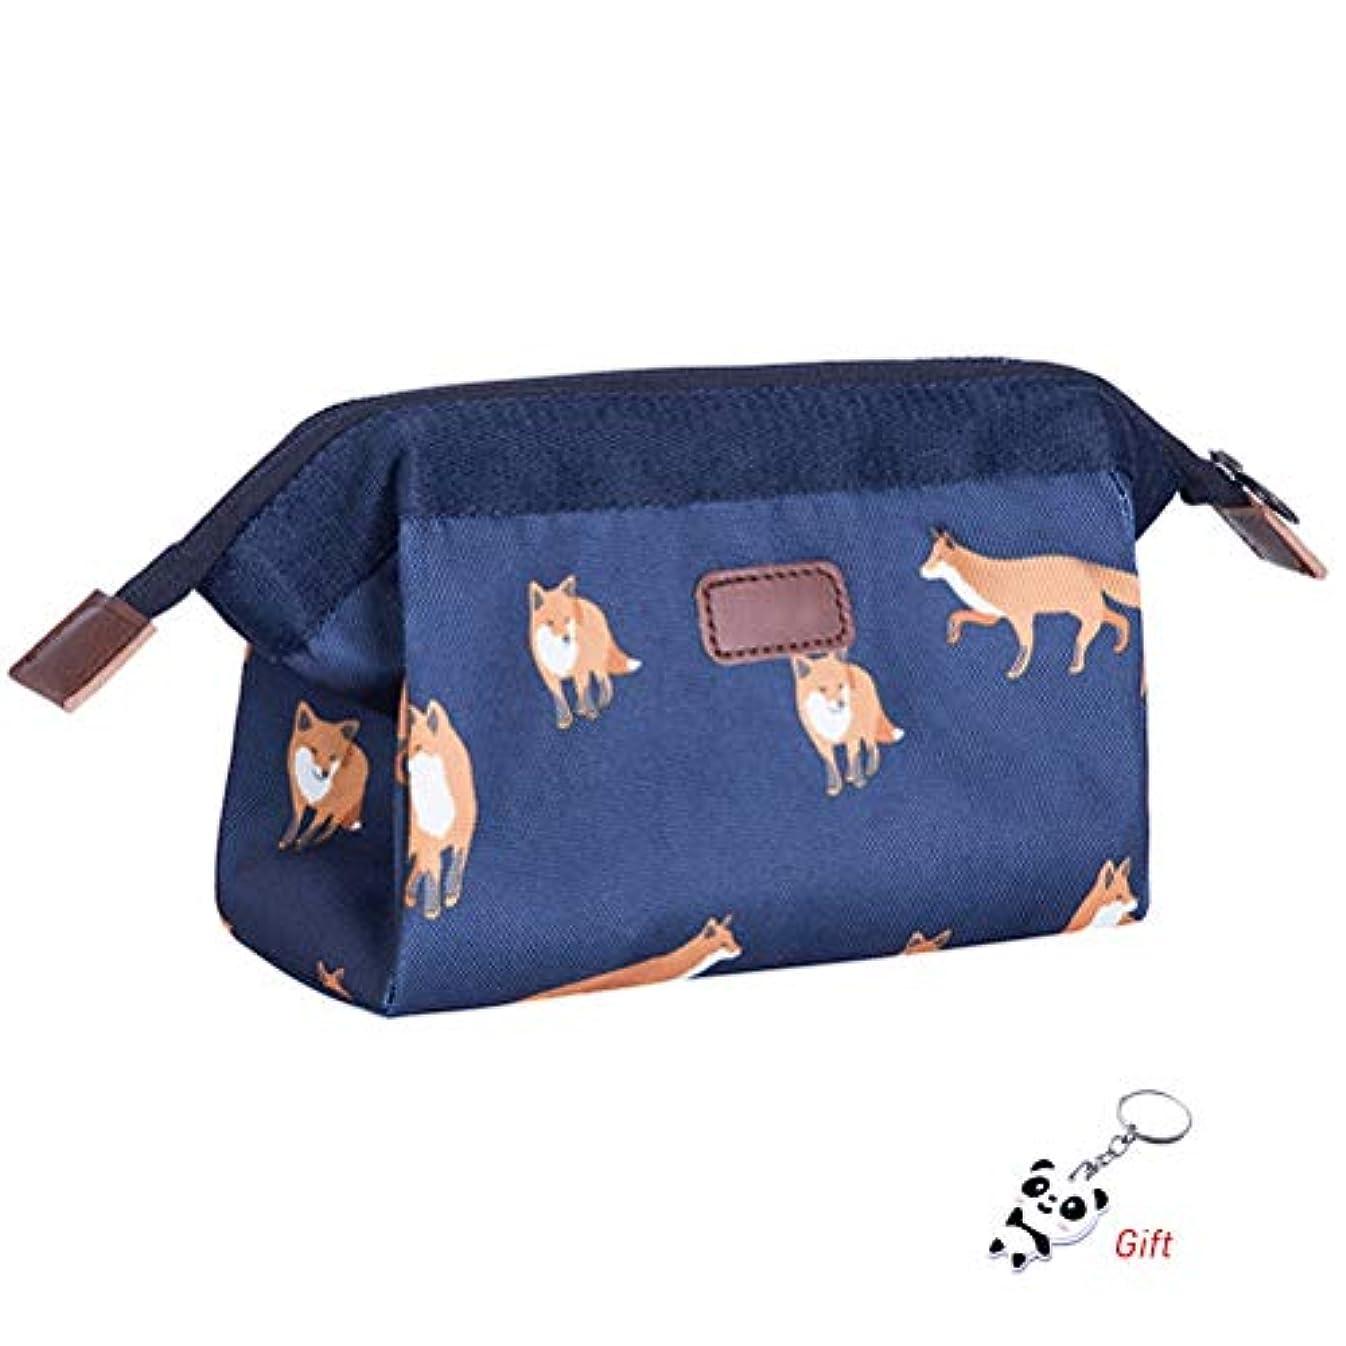 専門化するマイコン魔術師shiyi 小さい化粧ポーチ, 超軽量 防水 化粧品収納ポーチ 旅行 出張 普段使い 化粧バッグ フォックス花柄 ブルー